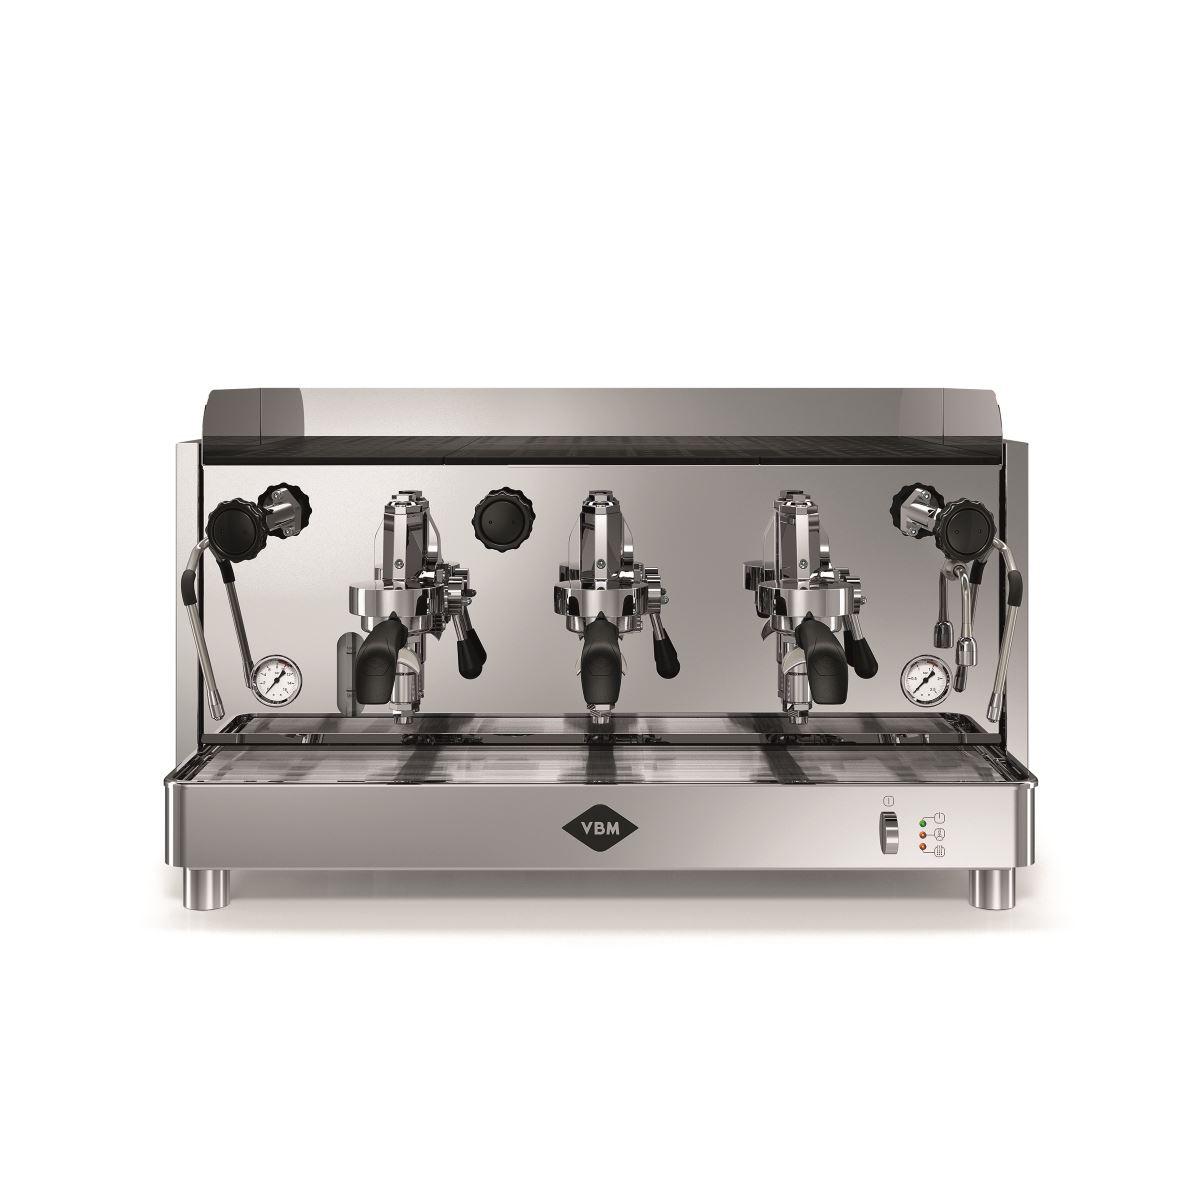 Espressor profesional Vibiemme Replica HX Manuale, 3 grupuri